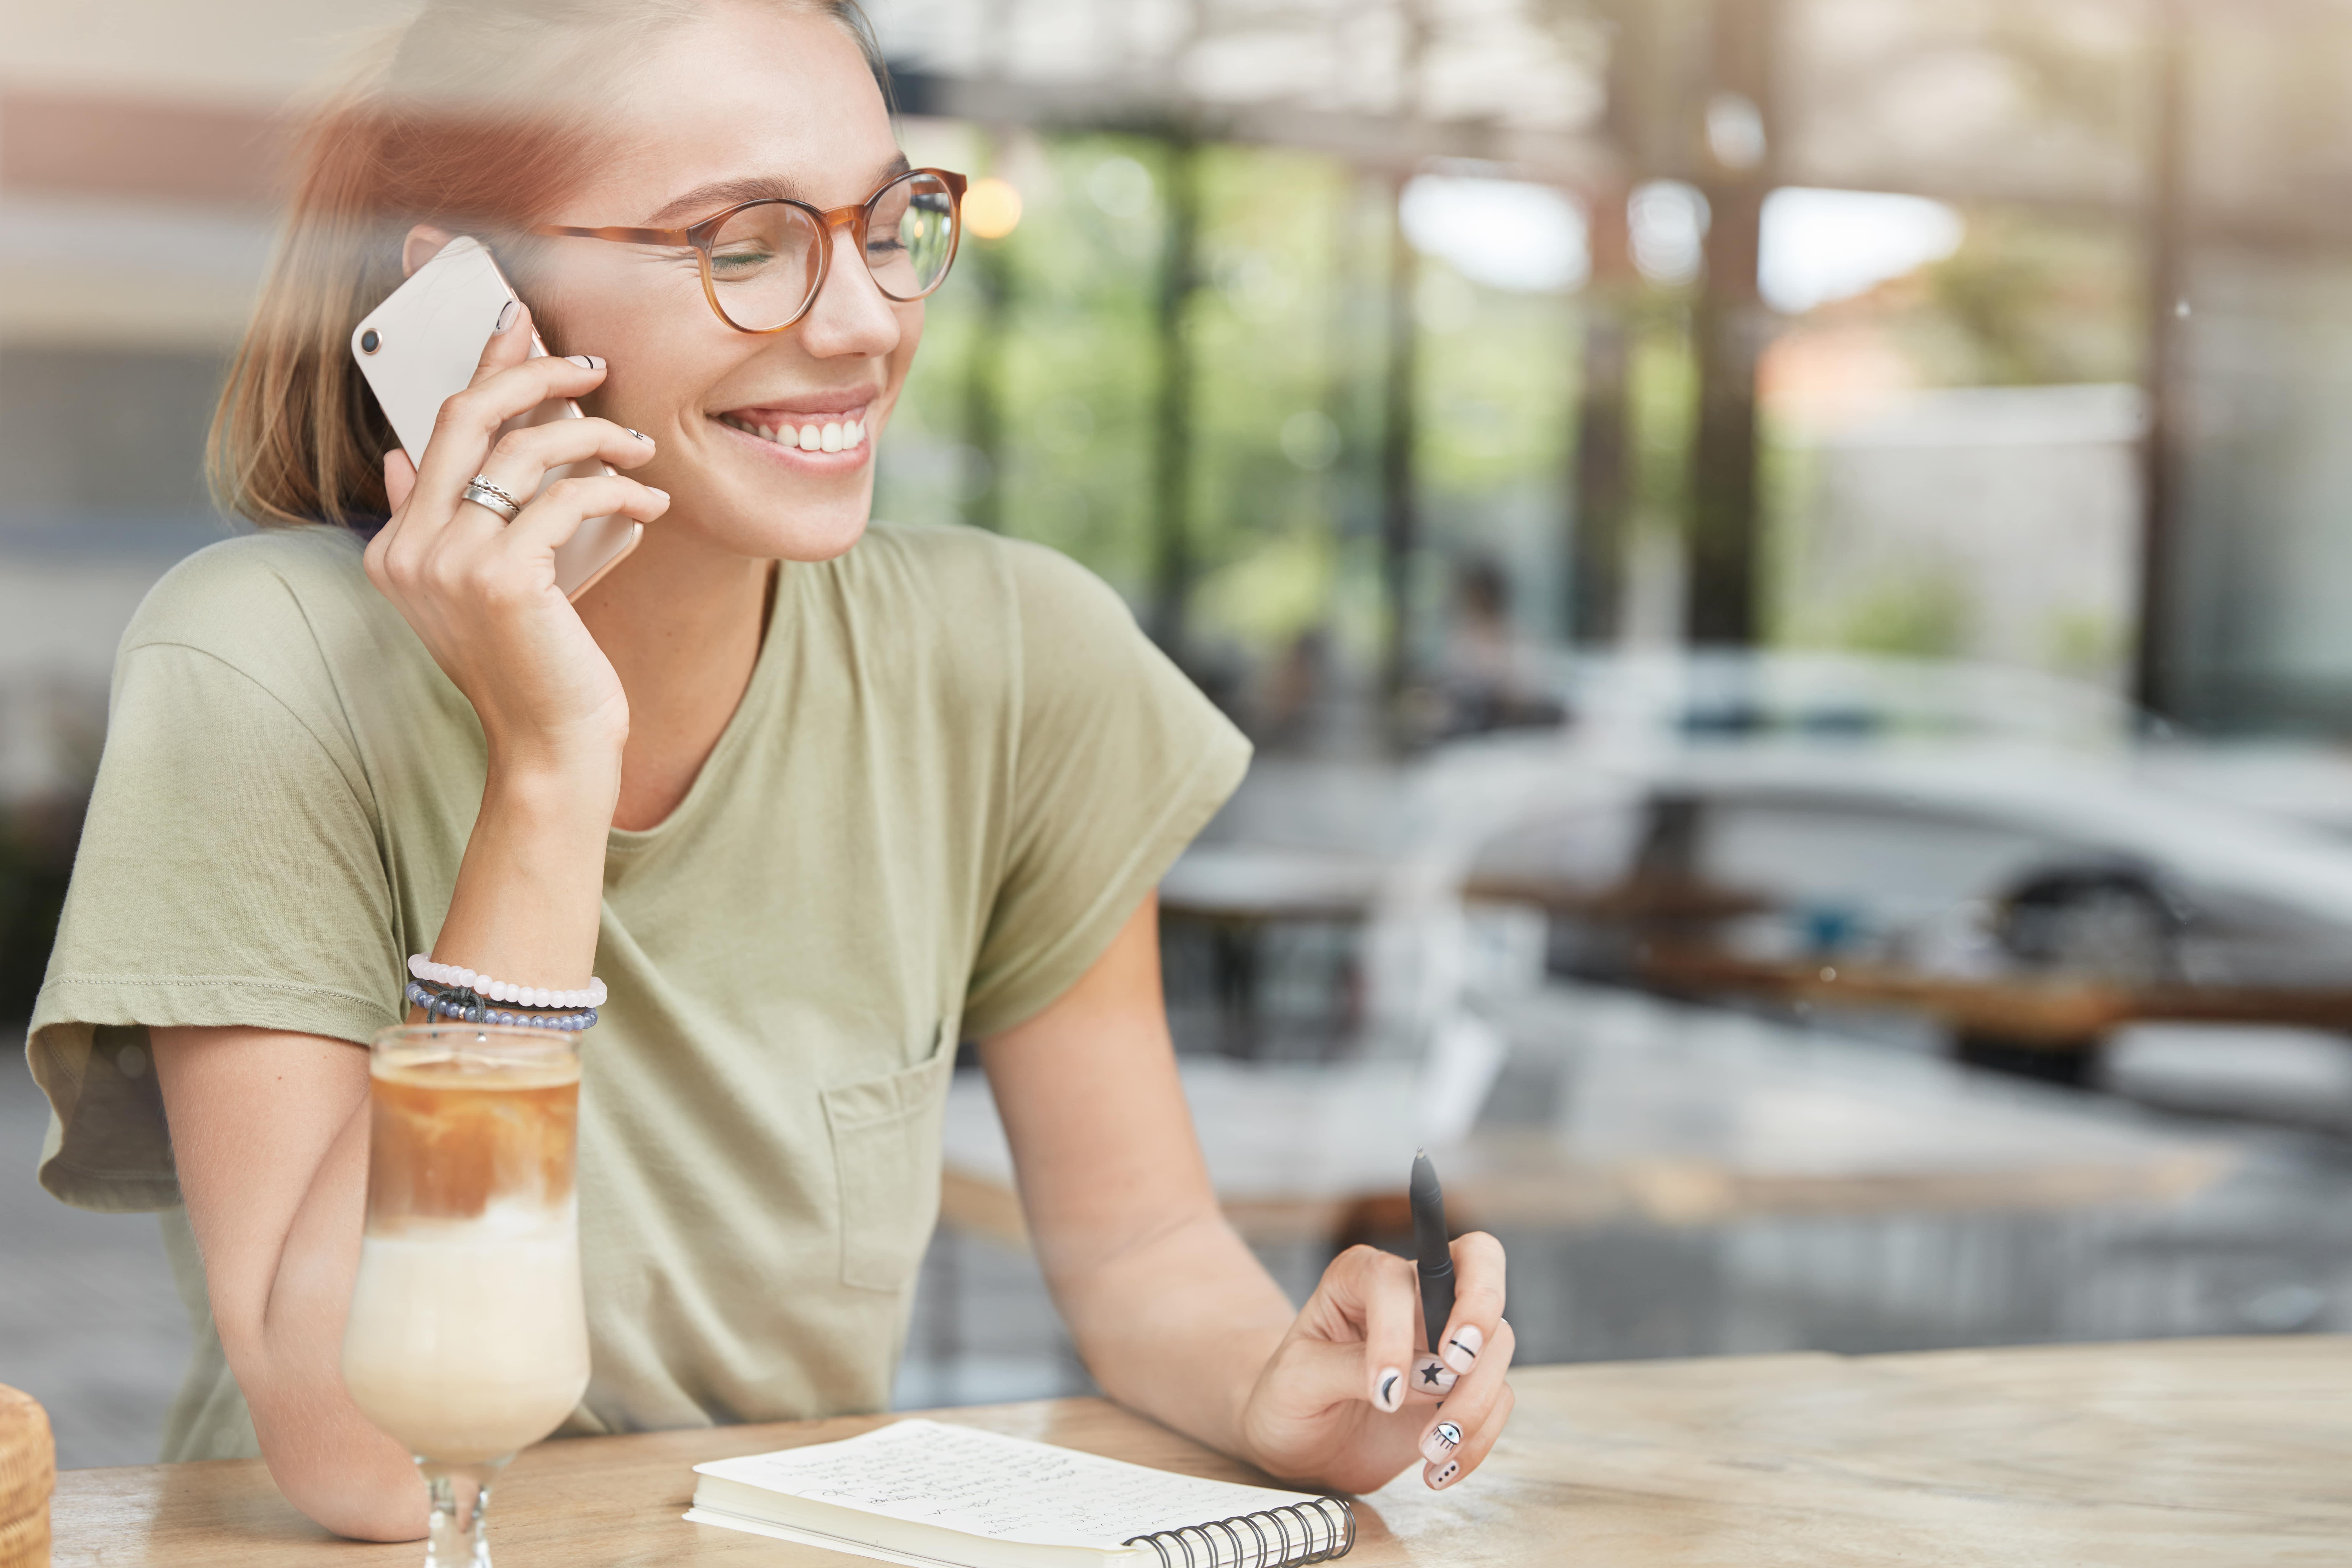 Anreize und Lob fördern die Motivation und Zufriedenheit der Mitarbeiter